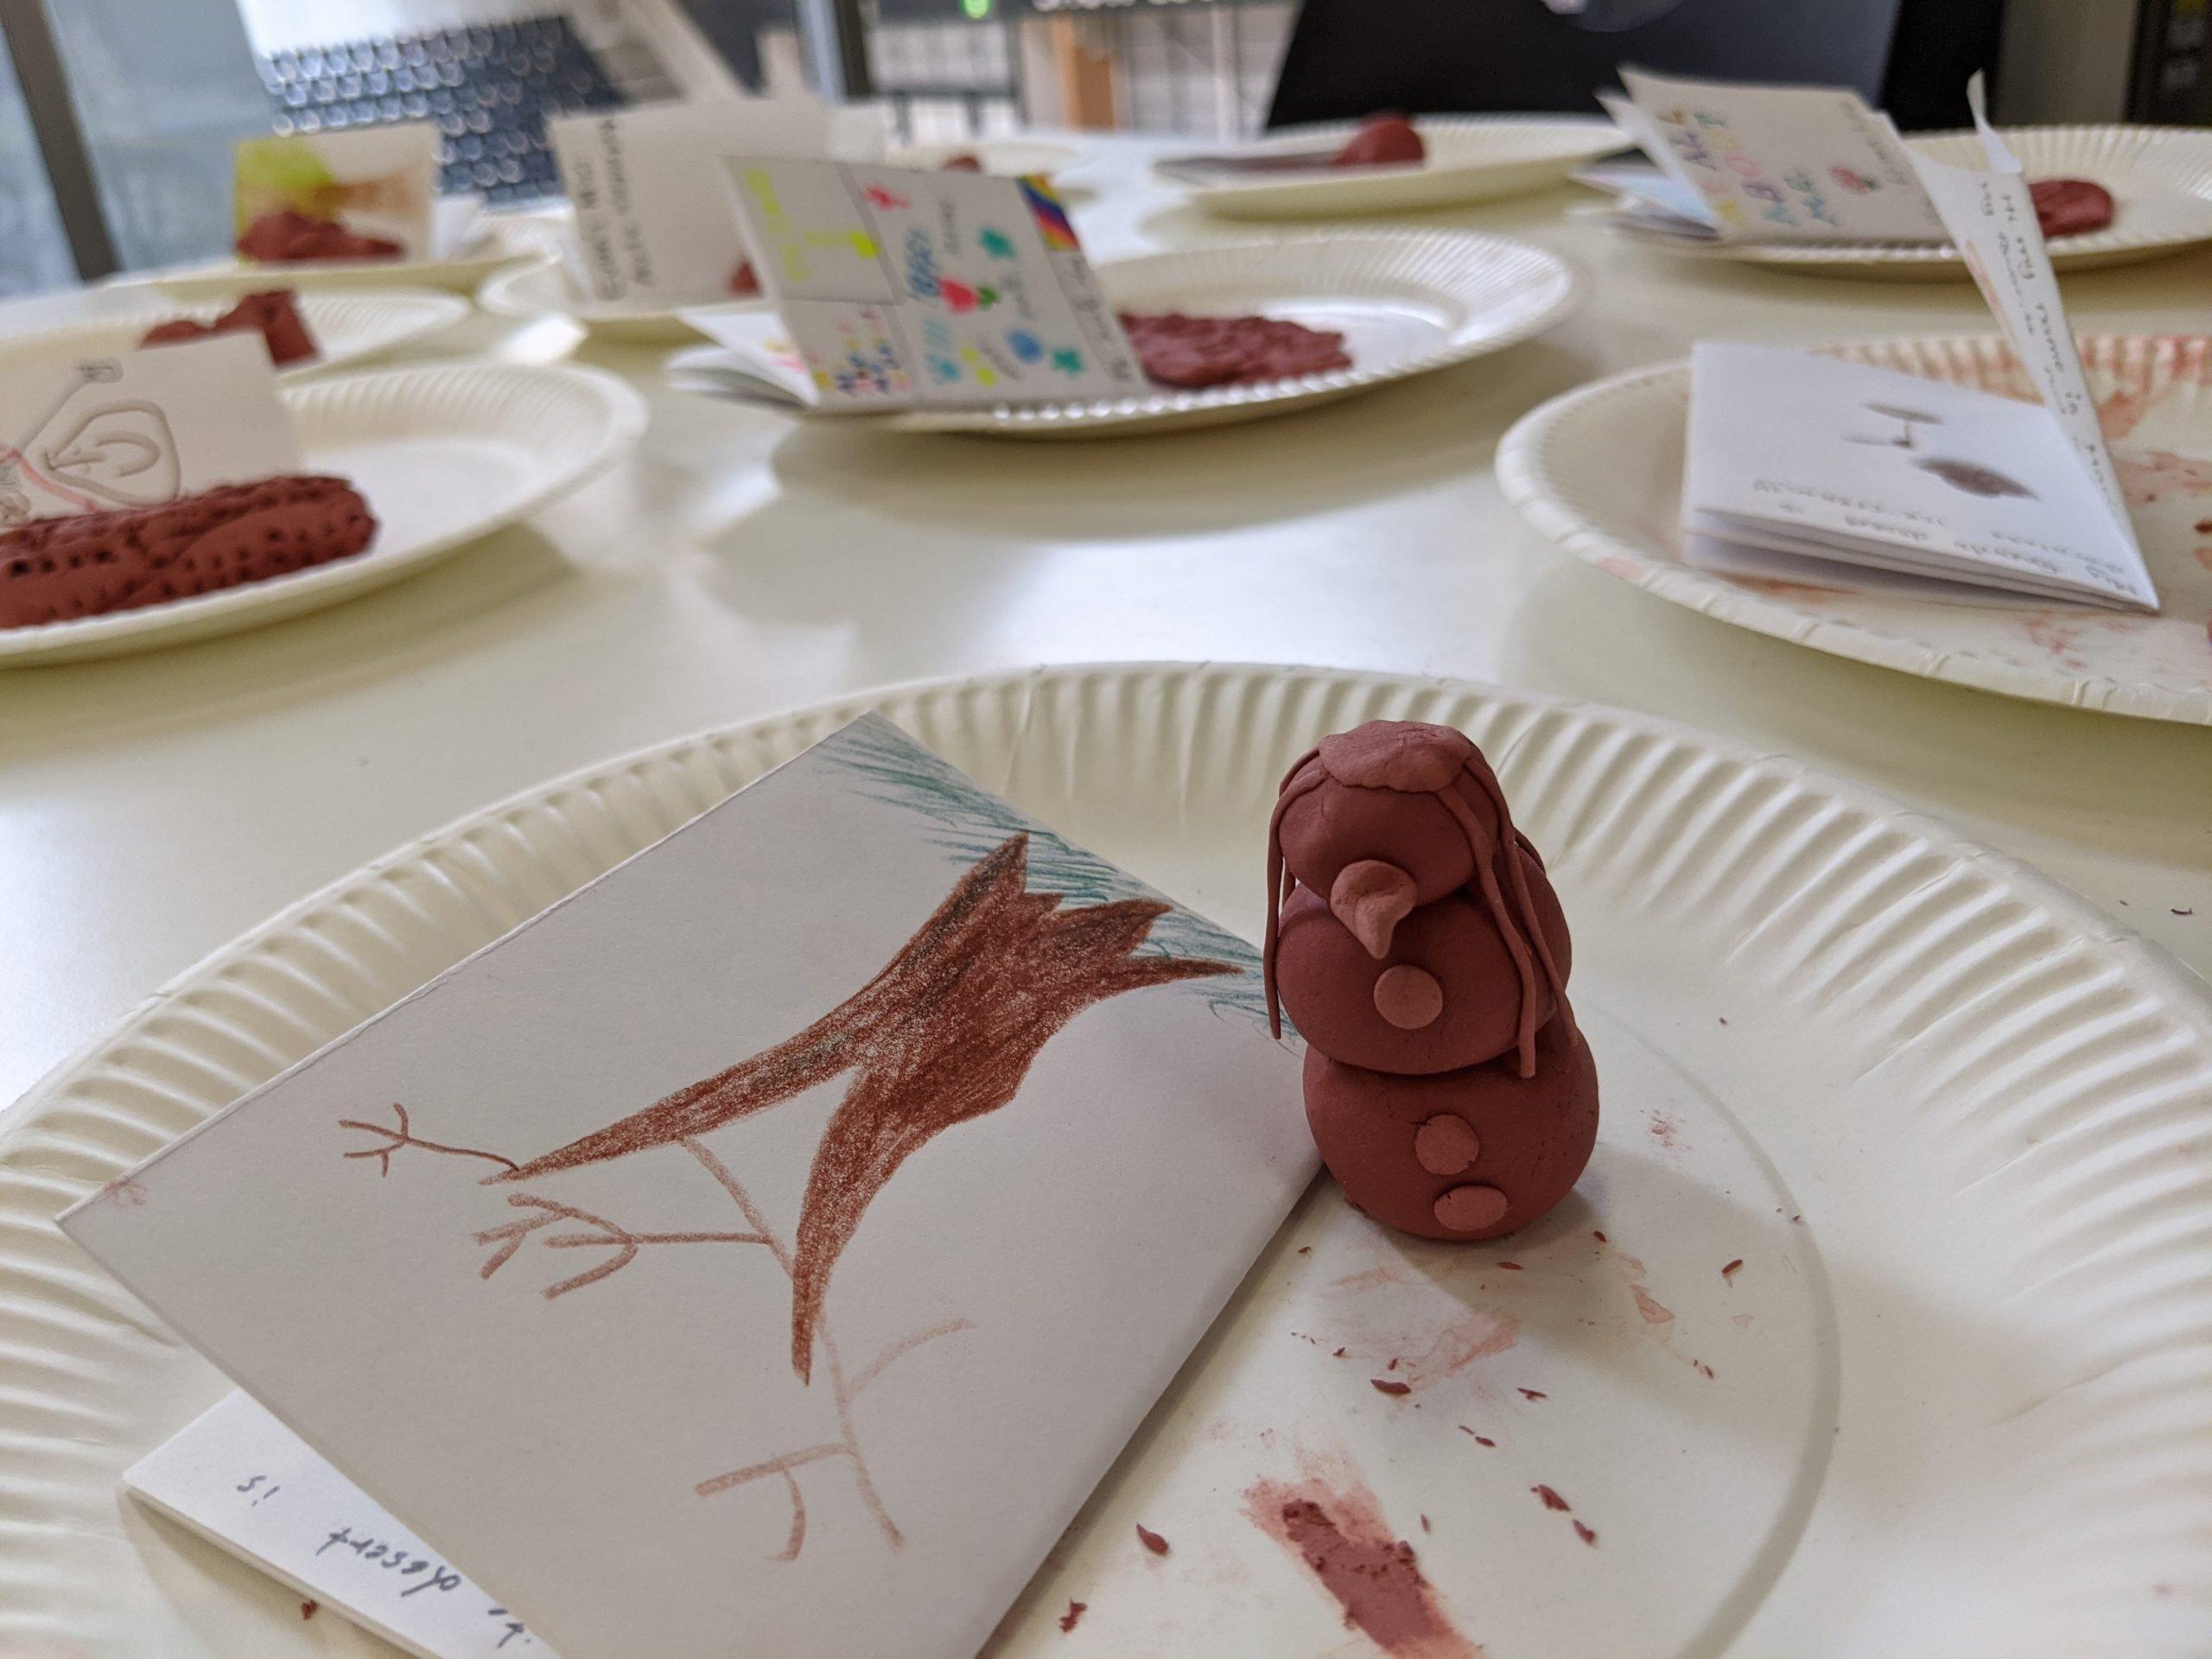 Snowman Clay art by Children